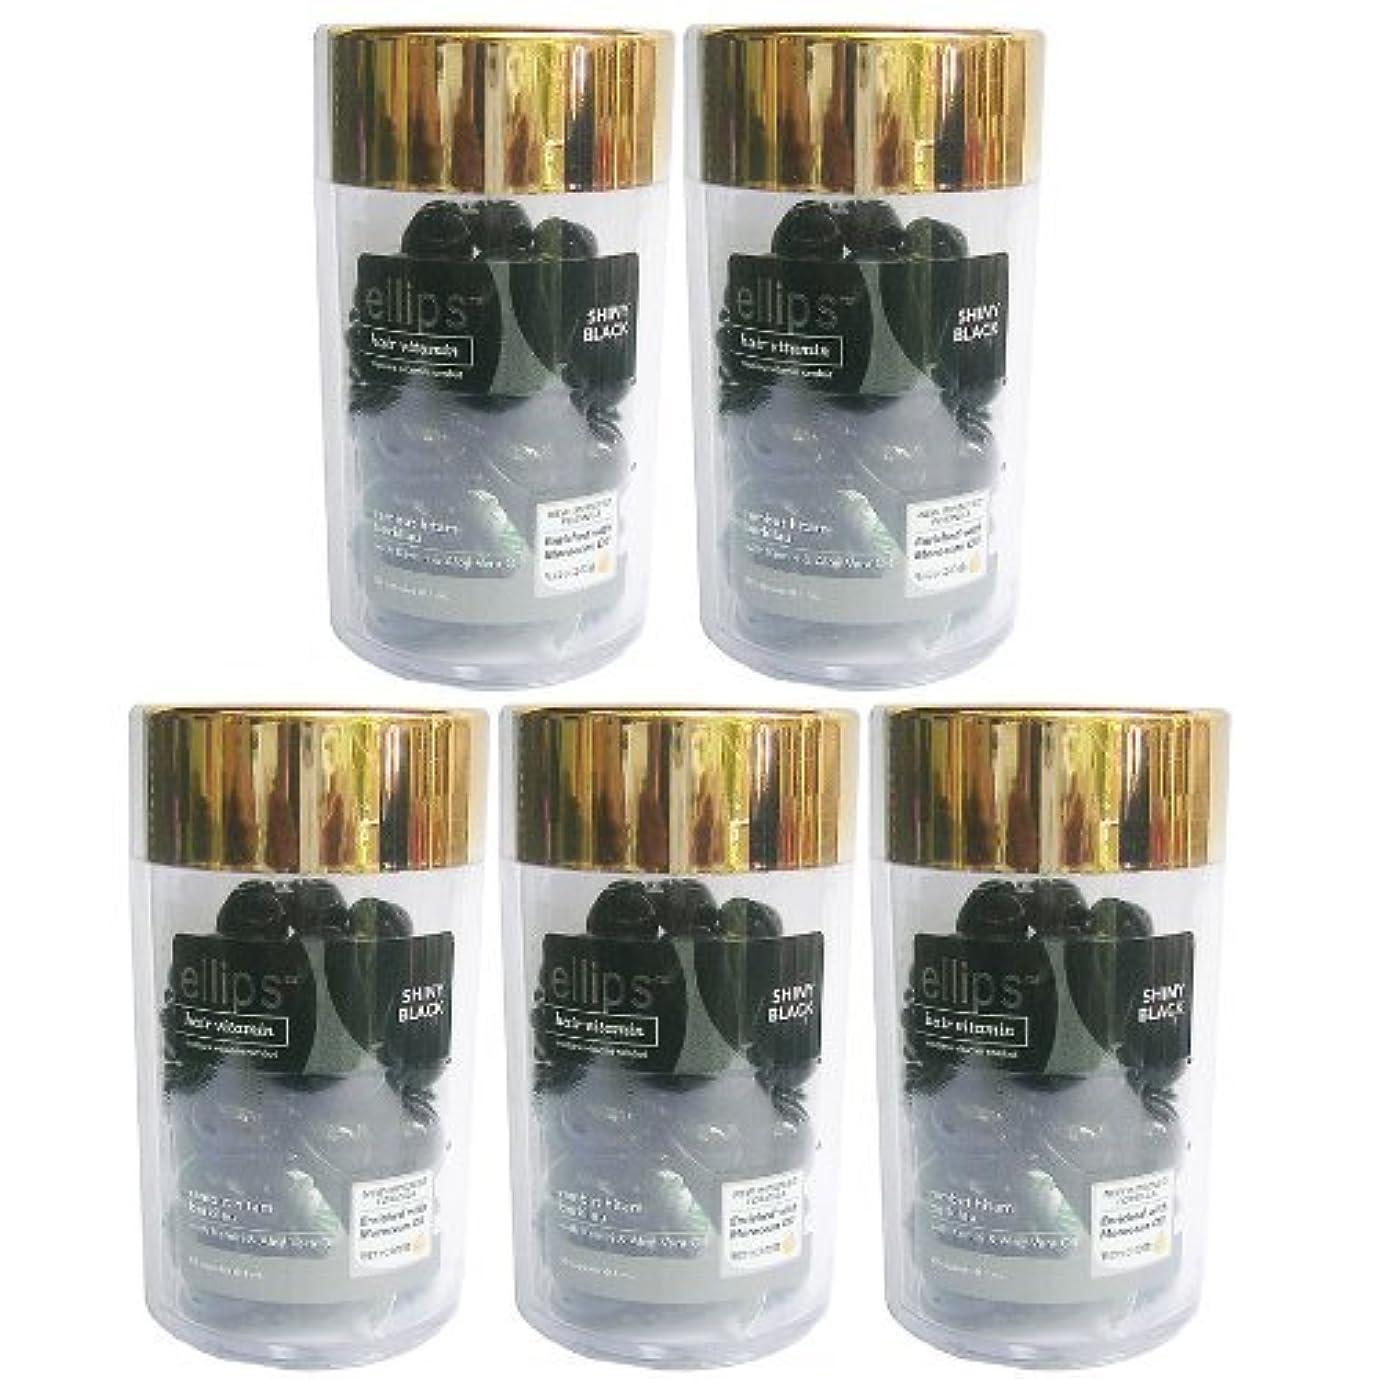 多様体子羊テクトニックエリップスellipsヘアビタミン洗い流さないヘアトリートメント50粒入ボトル5本組(海外直送品)(並行輸入品) (黒5本)